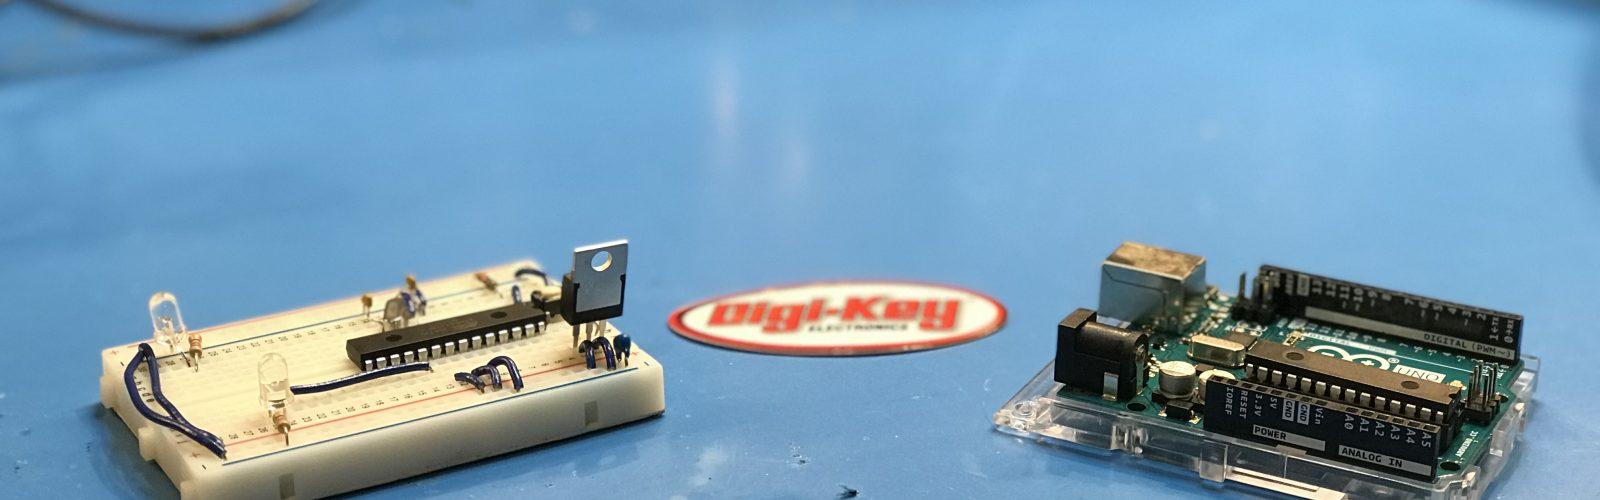 Picture of Arduino Breadboard and Arduino Uno Circuit board